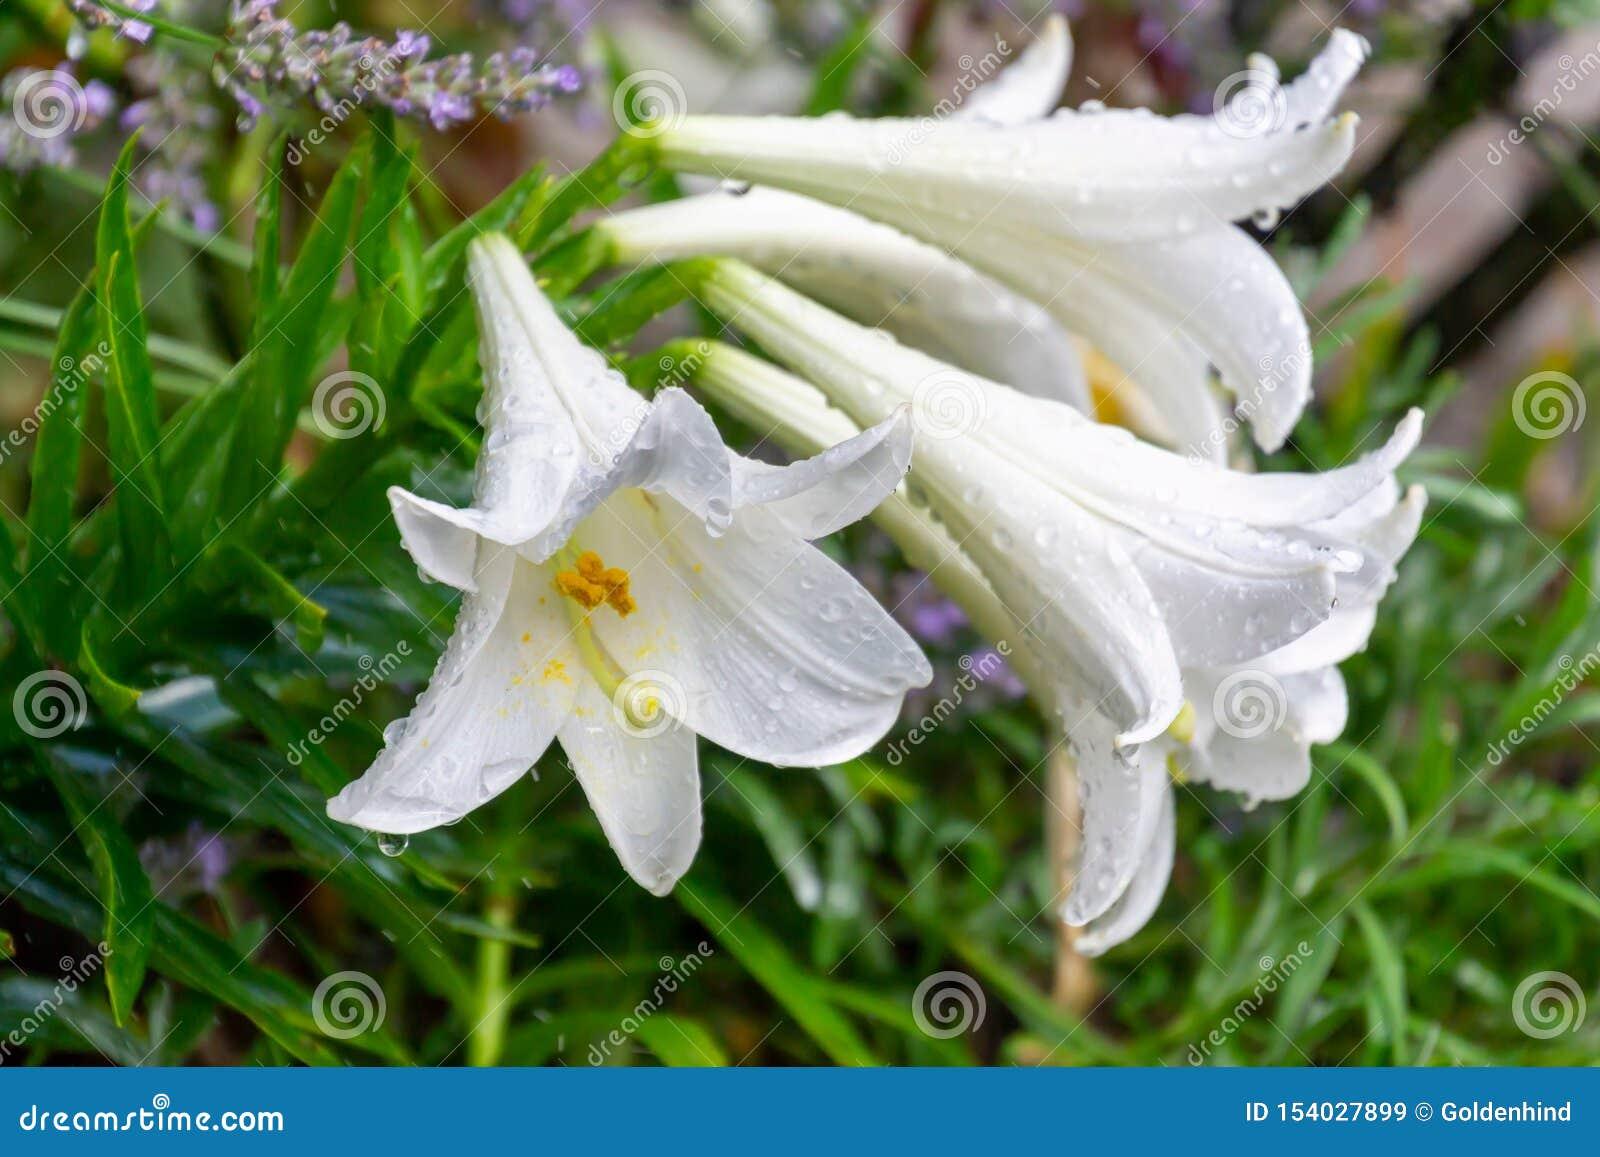 Gruppo di fiori del giglio bianco coperti di gocce di pioggia nel giardino